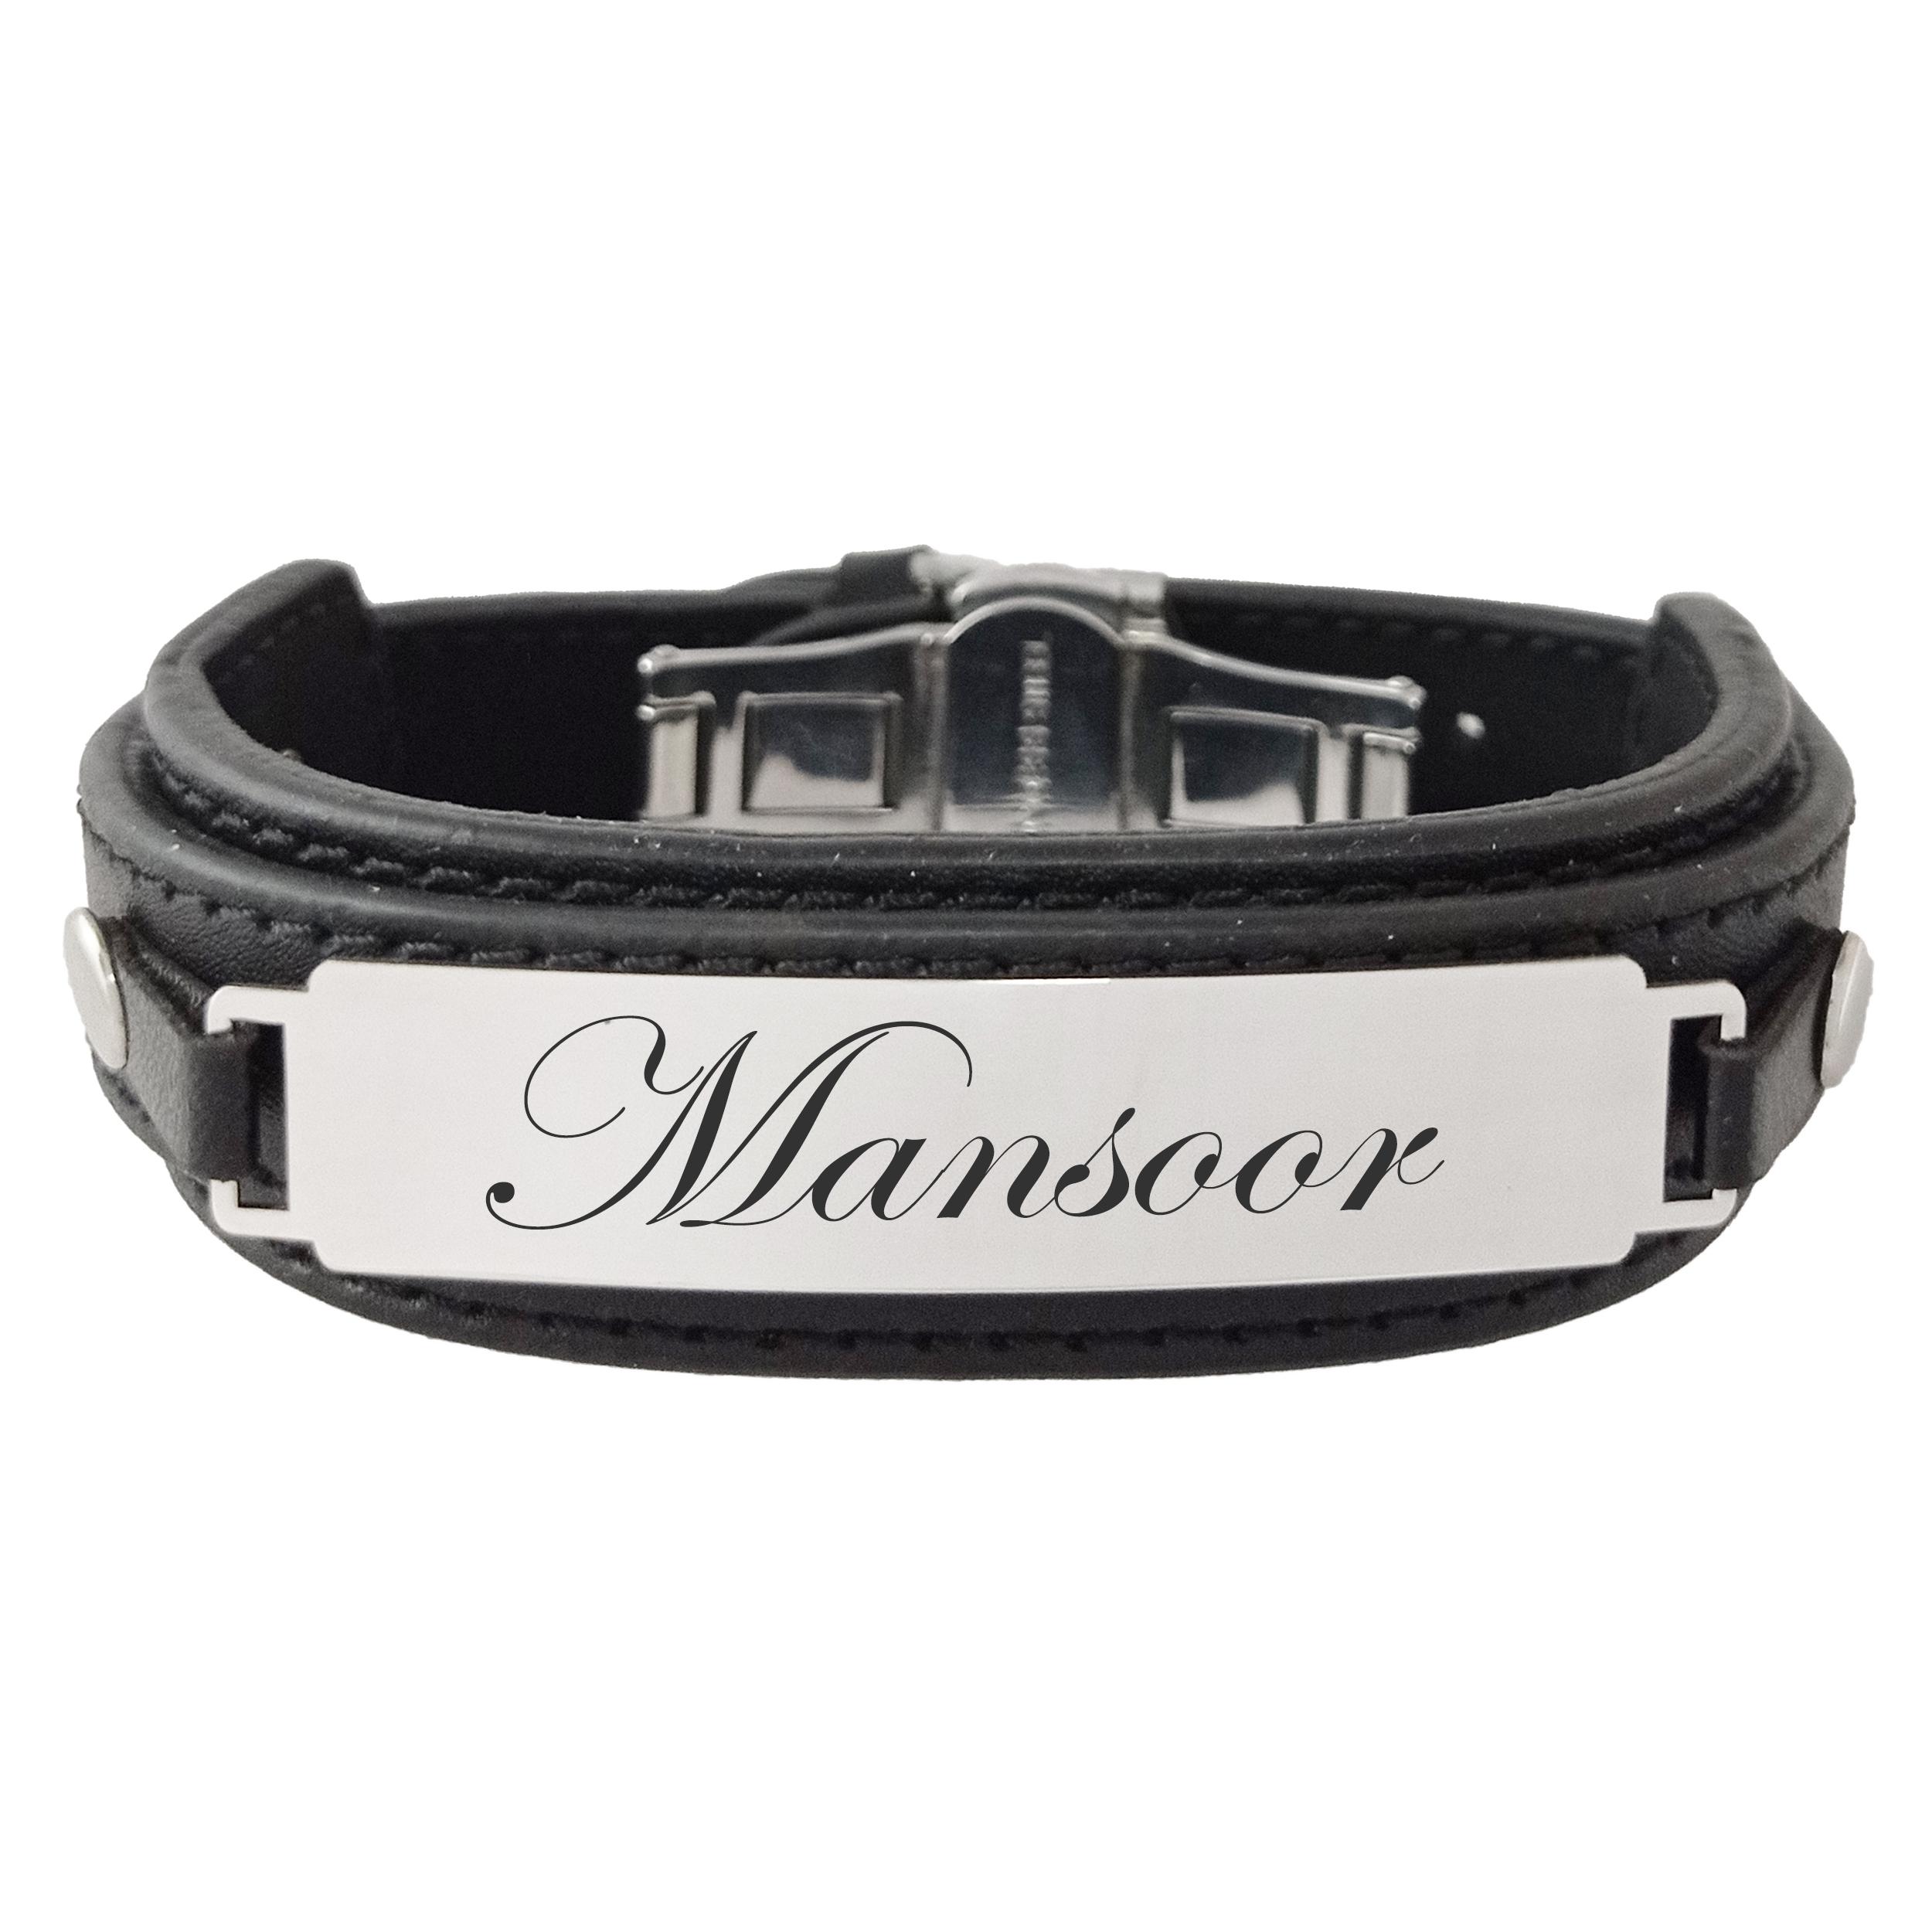 دستبند مردانه ترمه ۱ مدل منصور کد Sam 976